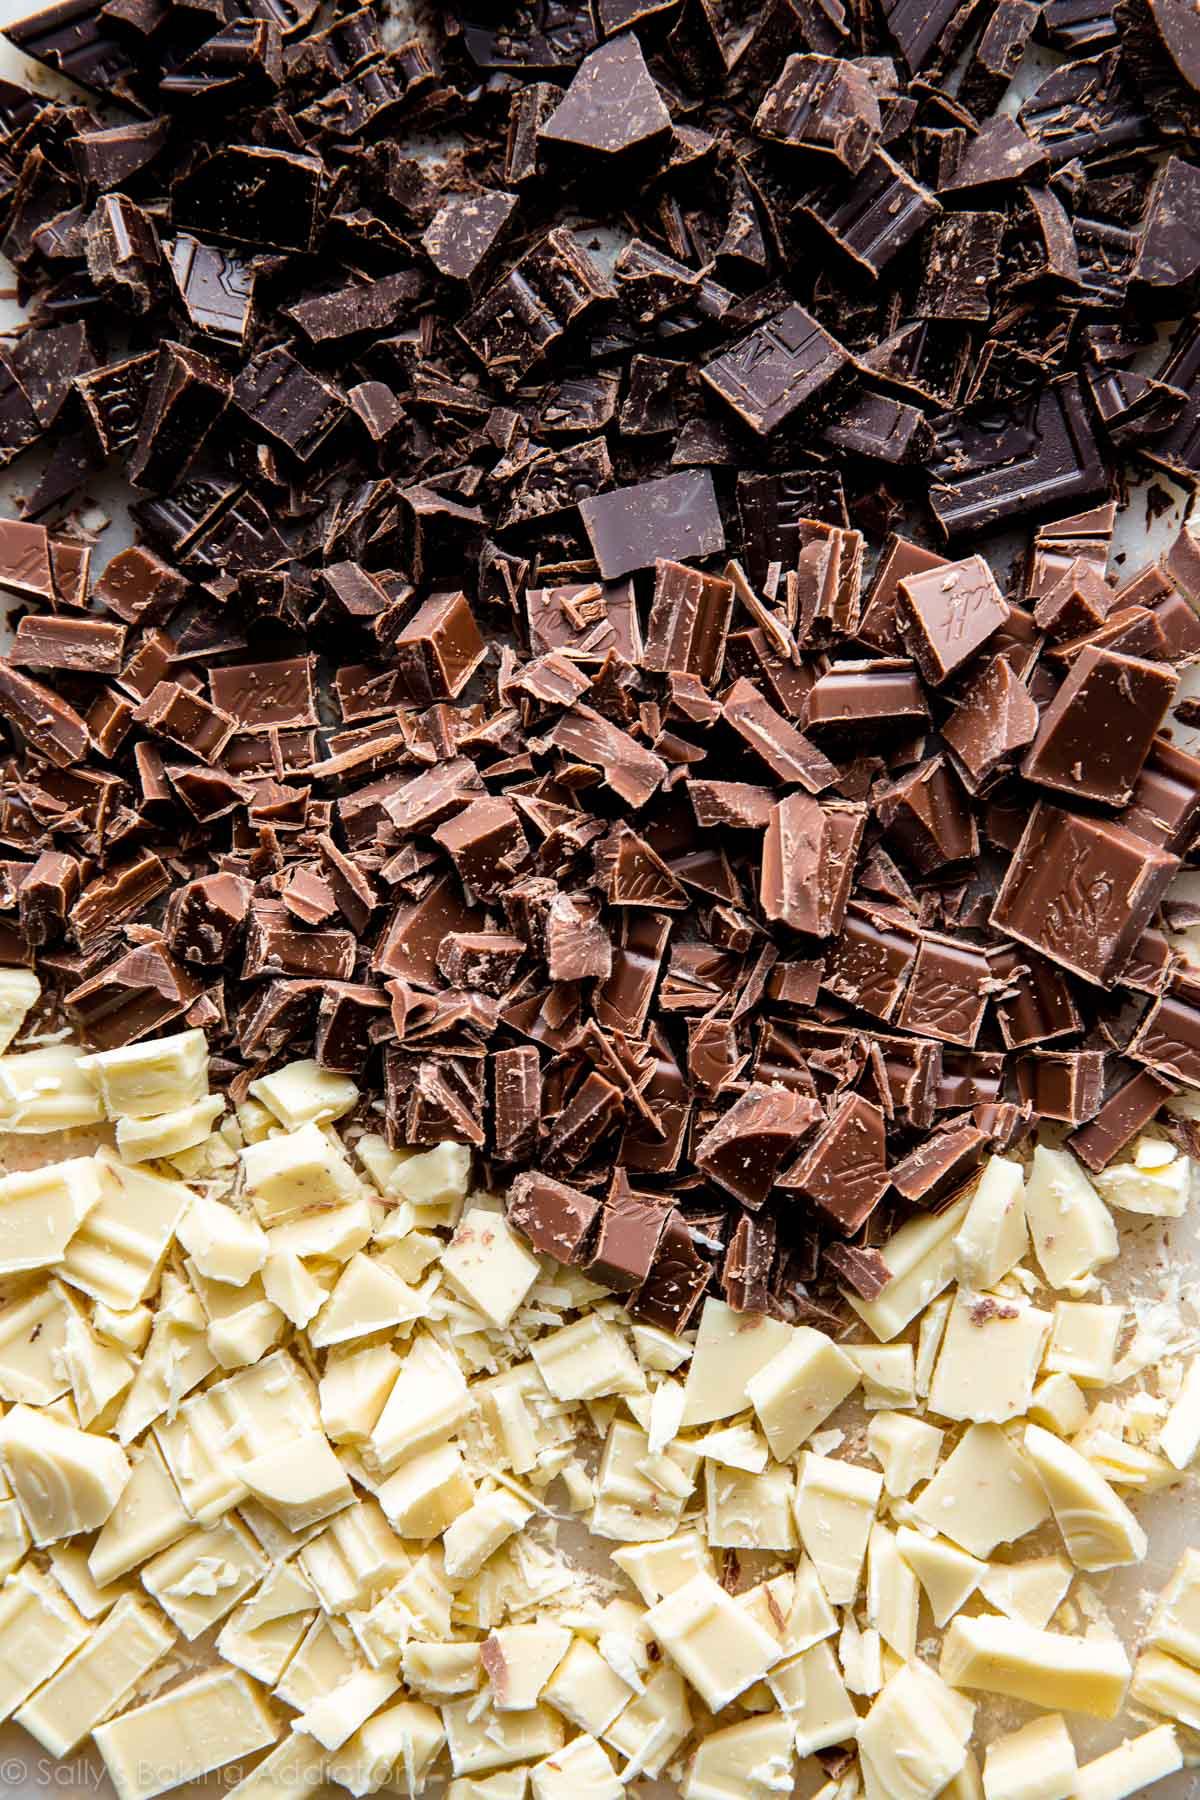 Baking Basics: Baking with Chocolate | Sally's Baking Addiction